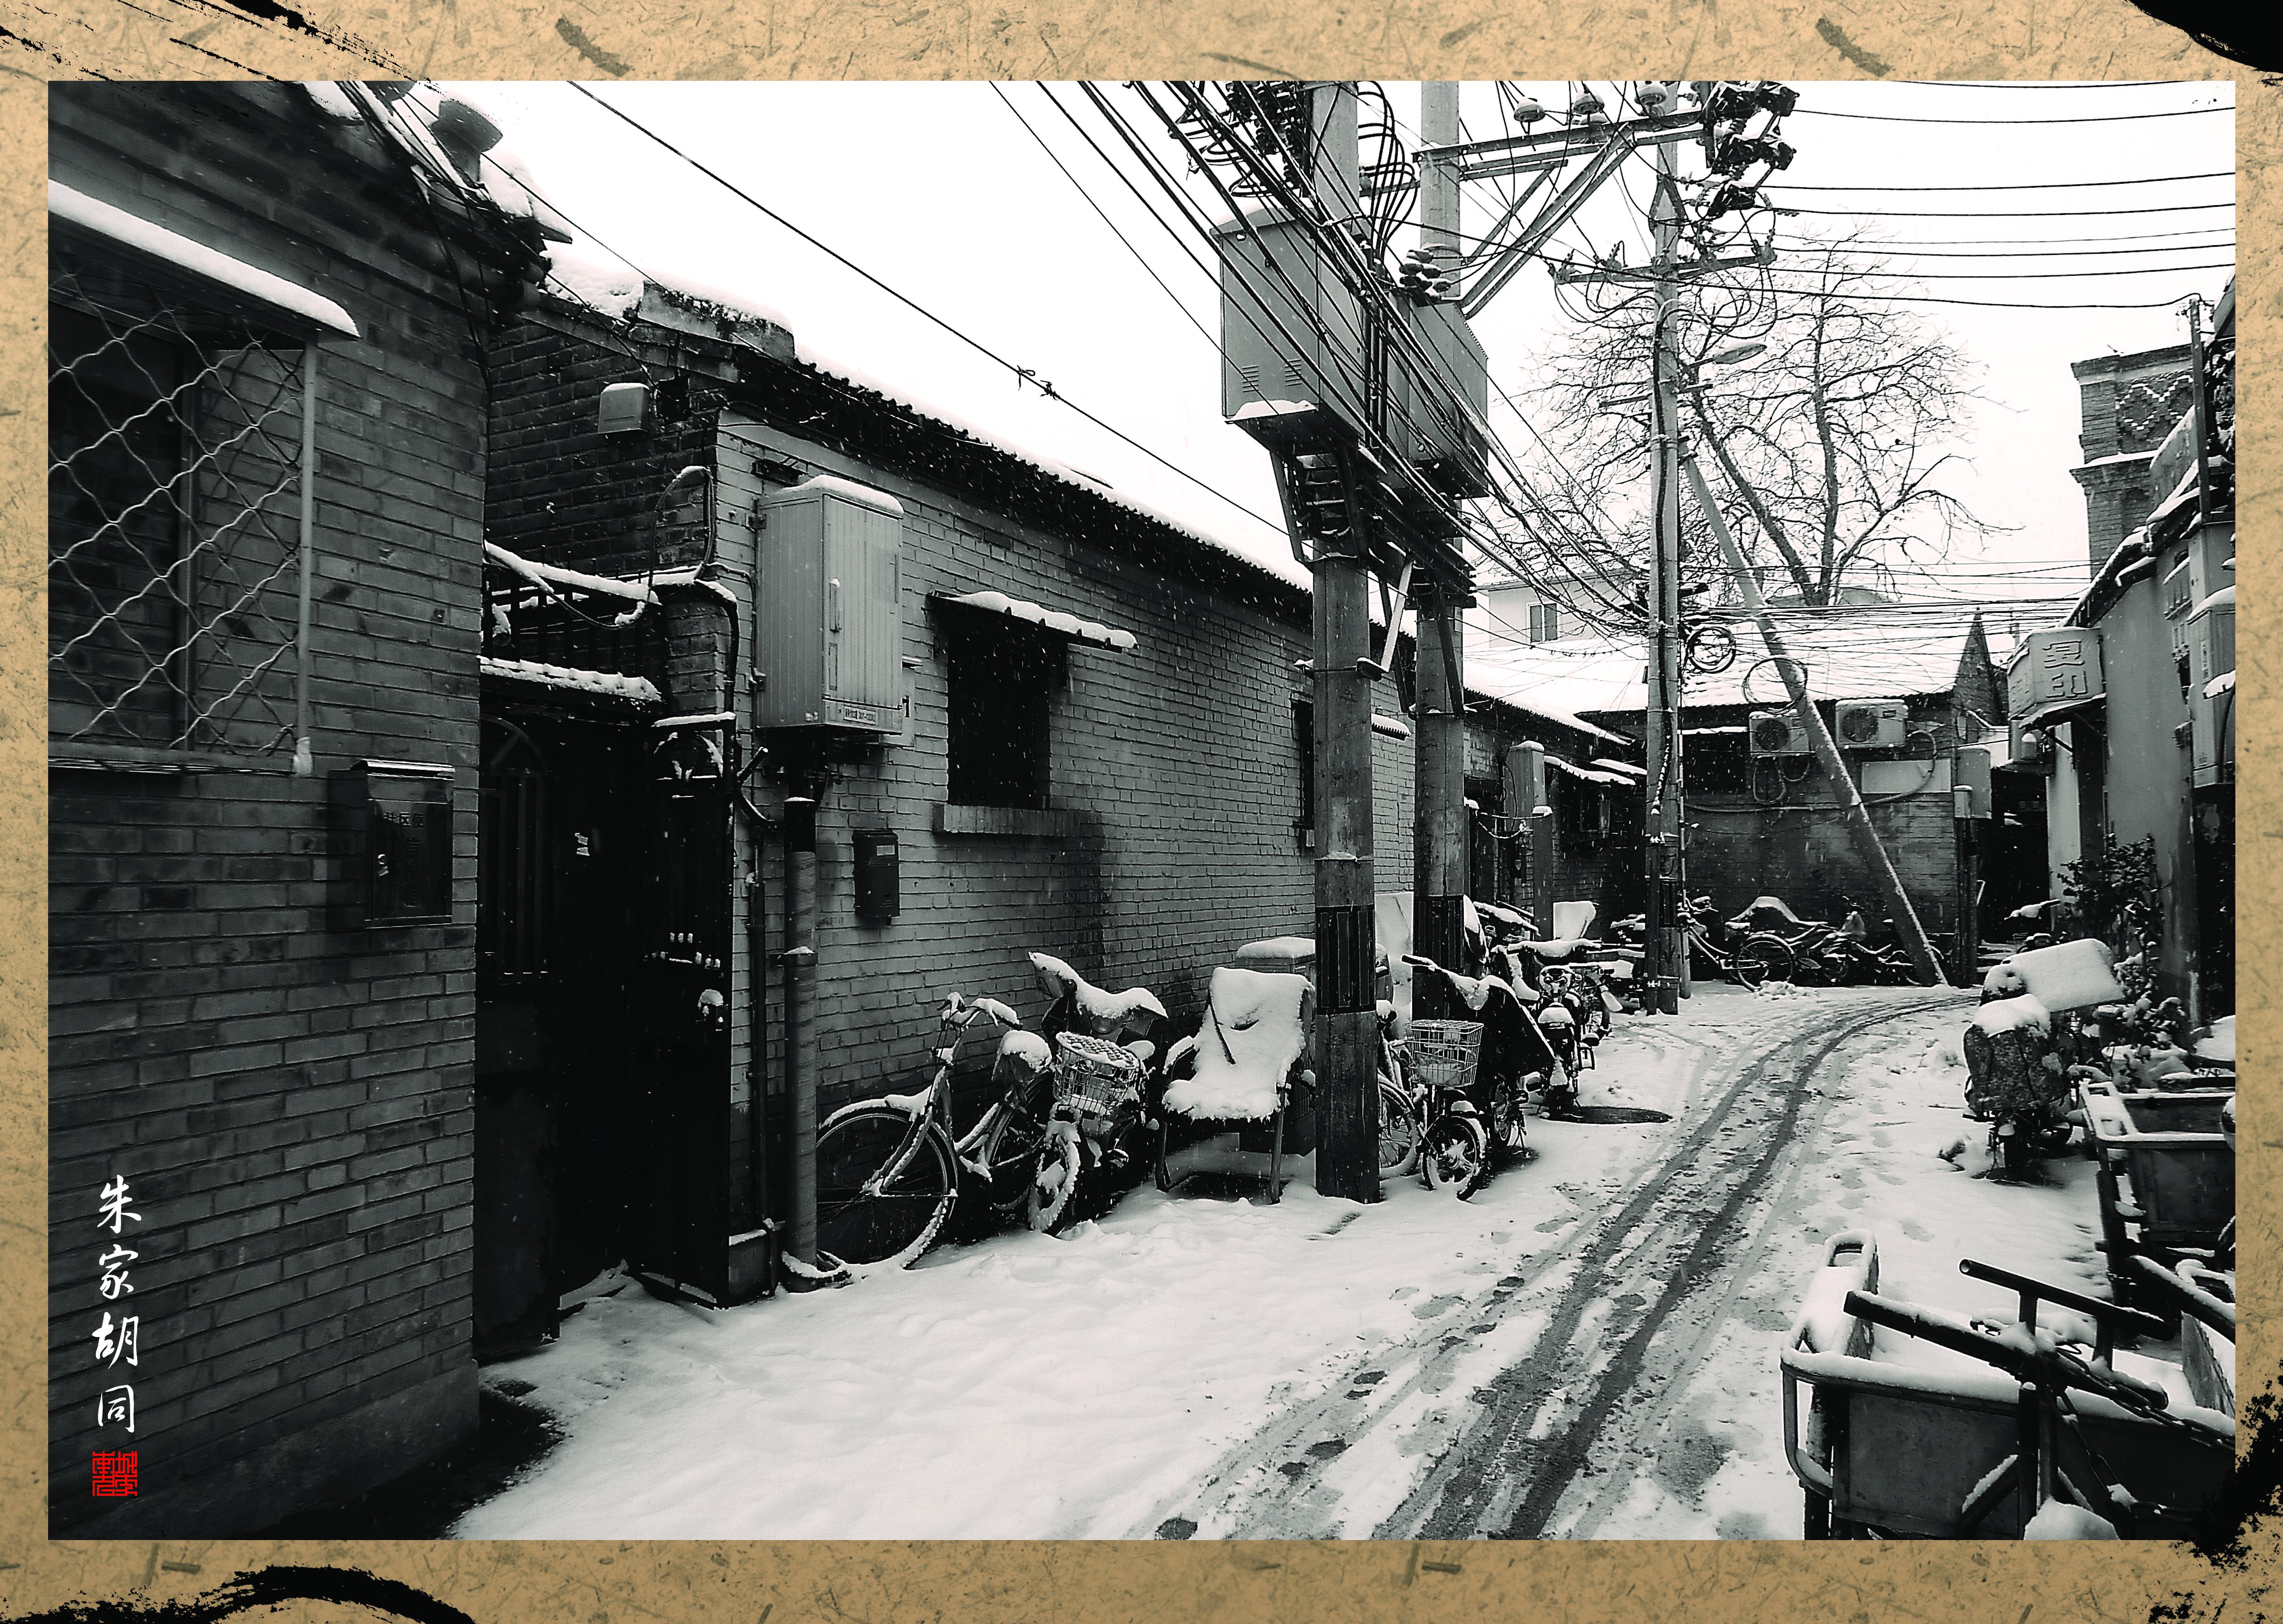 南北走向,北起大栅栏西街,南端向东拐至棕树斜街,长220米,宽约4米。